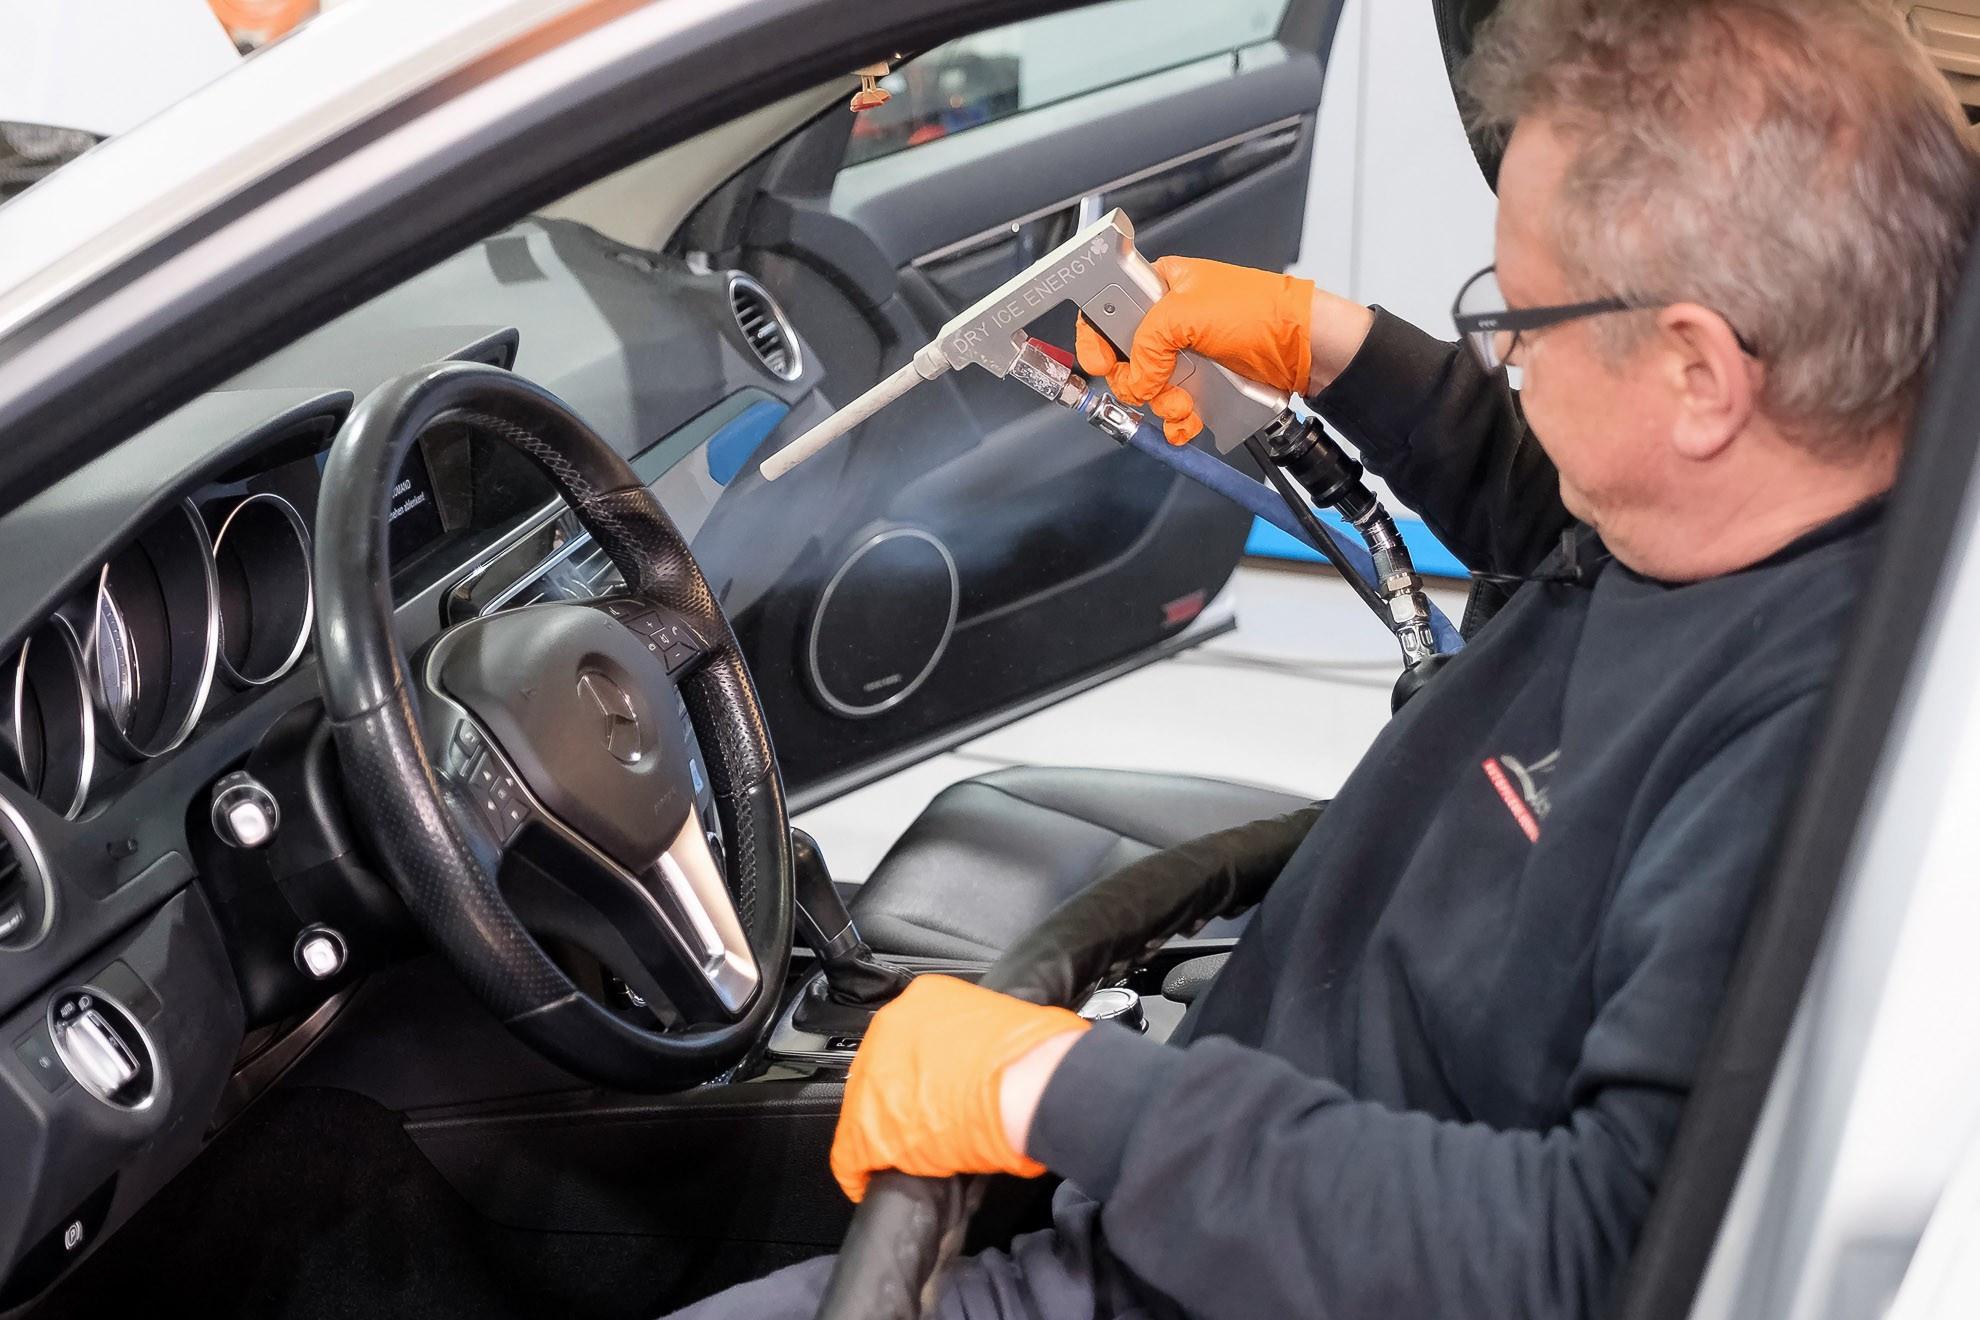 PKW-Fahrzeuginnenraum-Reinigung